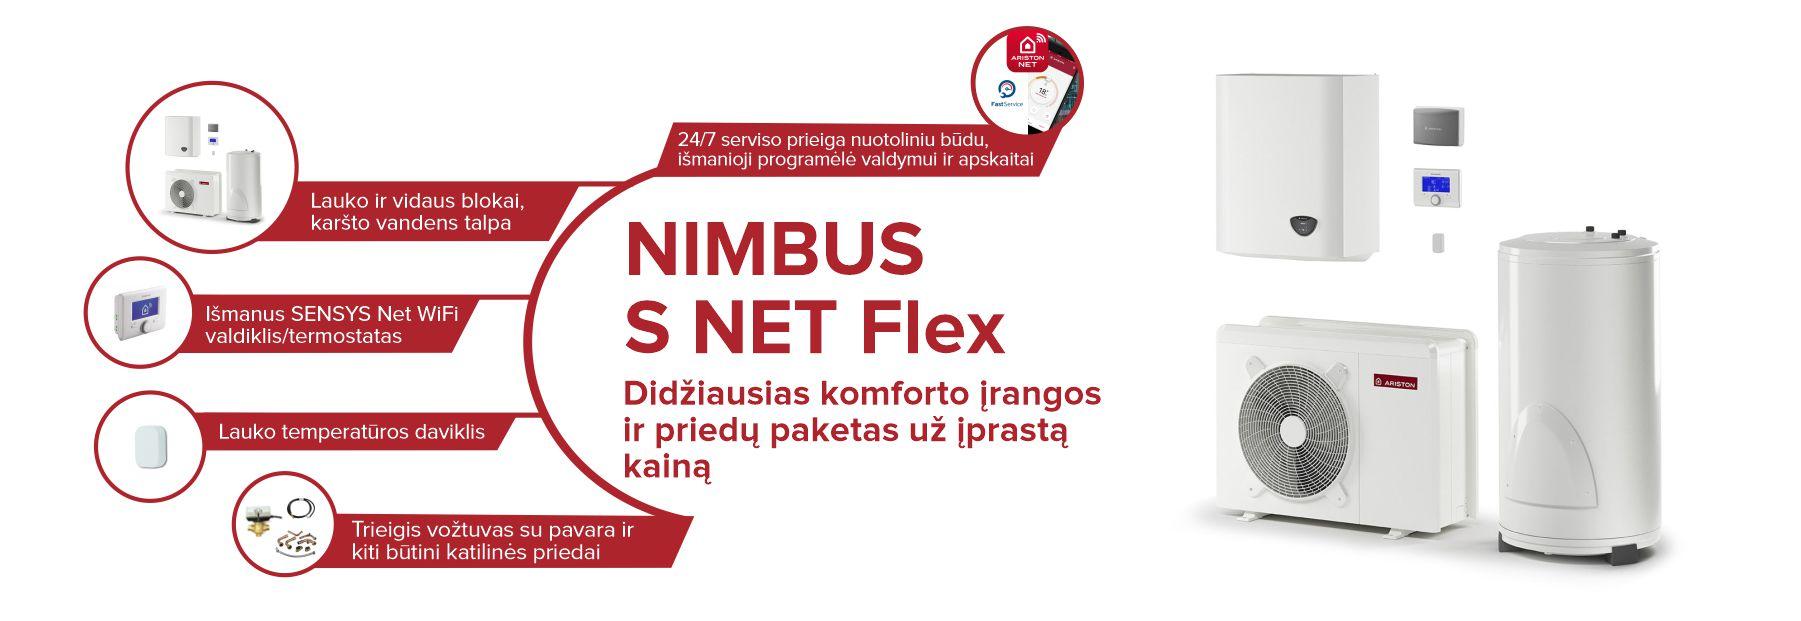 Jaukurai Naujasis Ariston Nimbus S Net